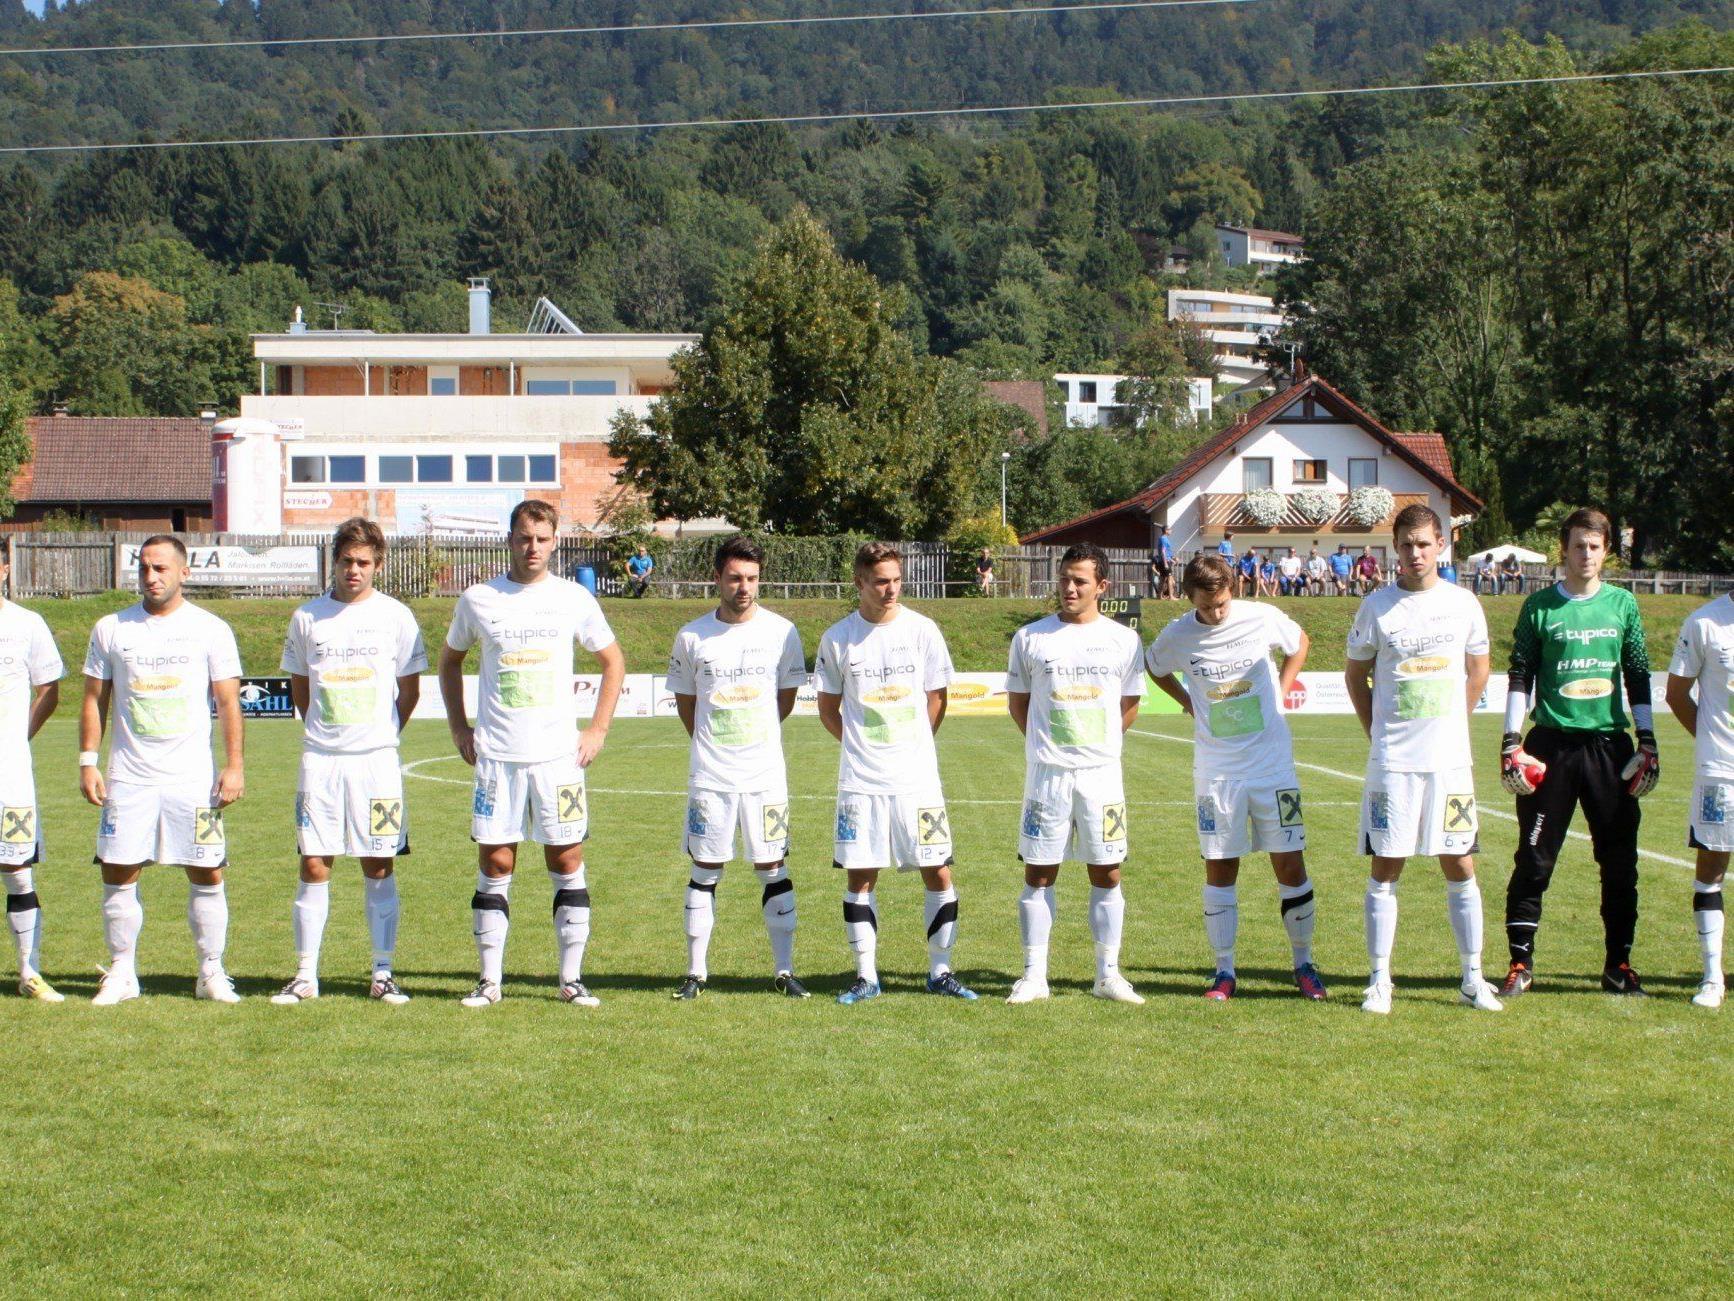 Das Team des SV Typico Lochau freut sich auf die Unterstützung zahlreicher Fans.